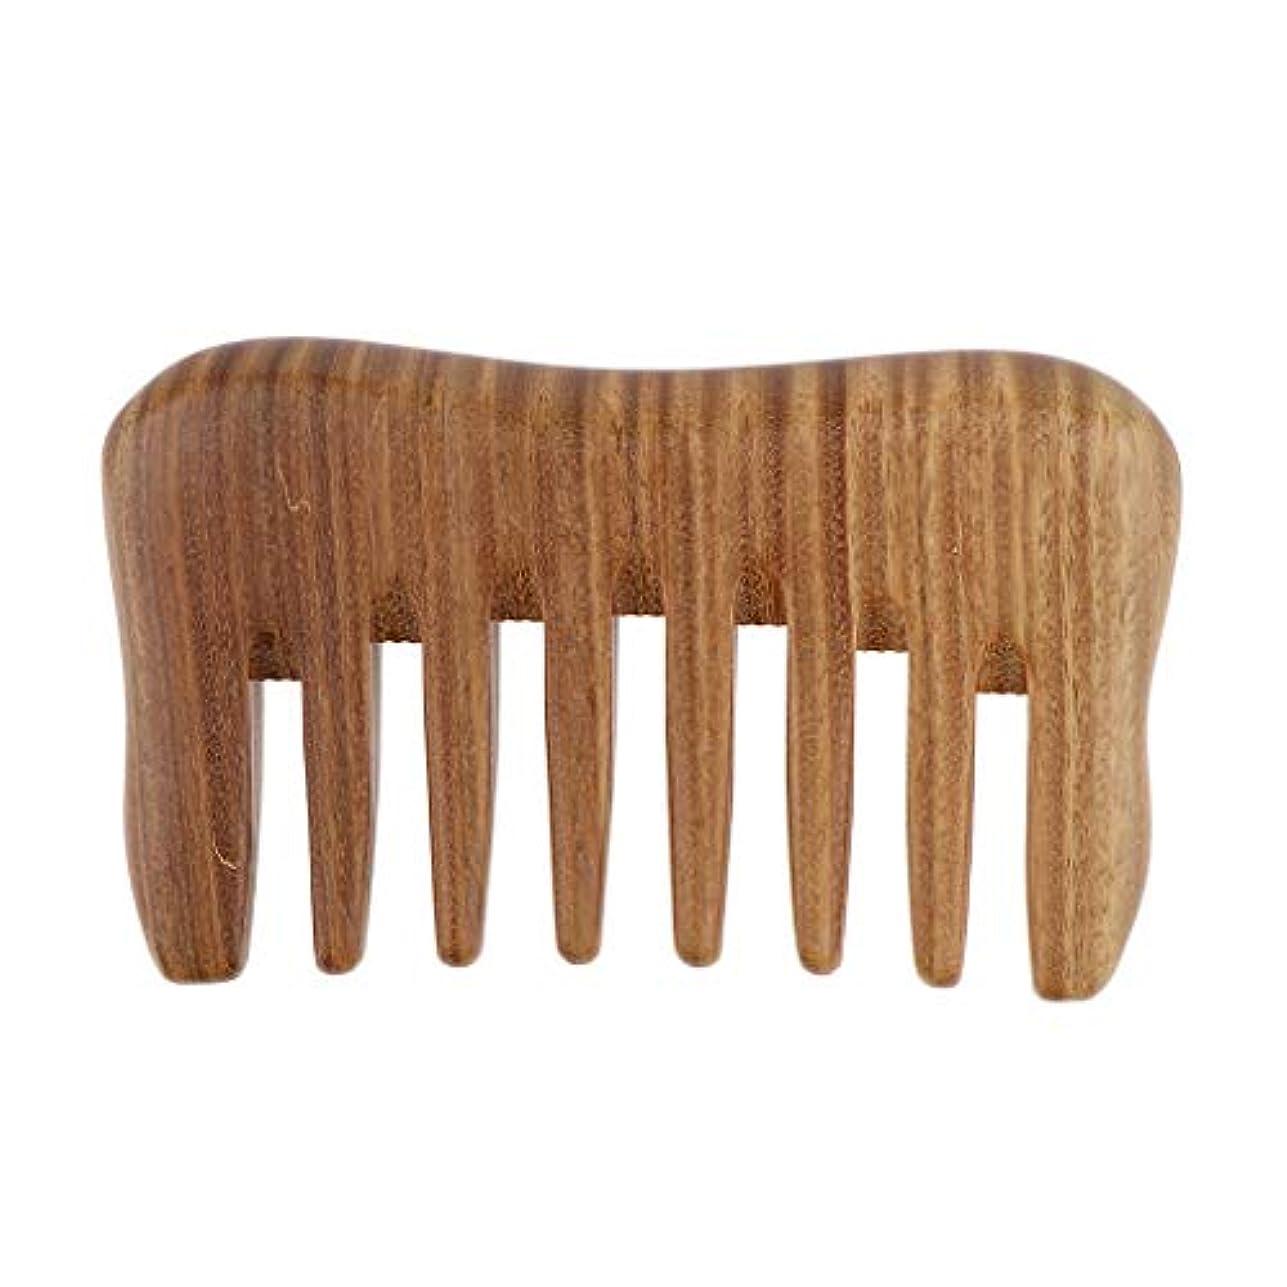 適用する血統カリング帯電防止櫛 ウッドコーム ヘアケア 頭皮マッサージブラシ 携帯便利 3色選べ - ベラウッド